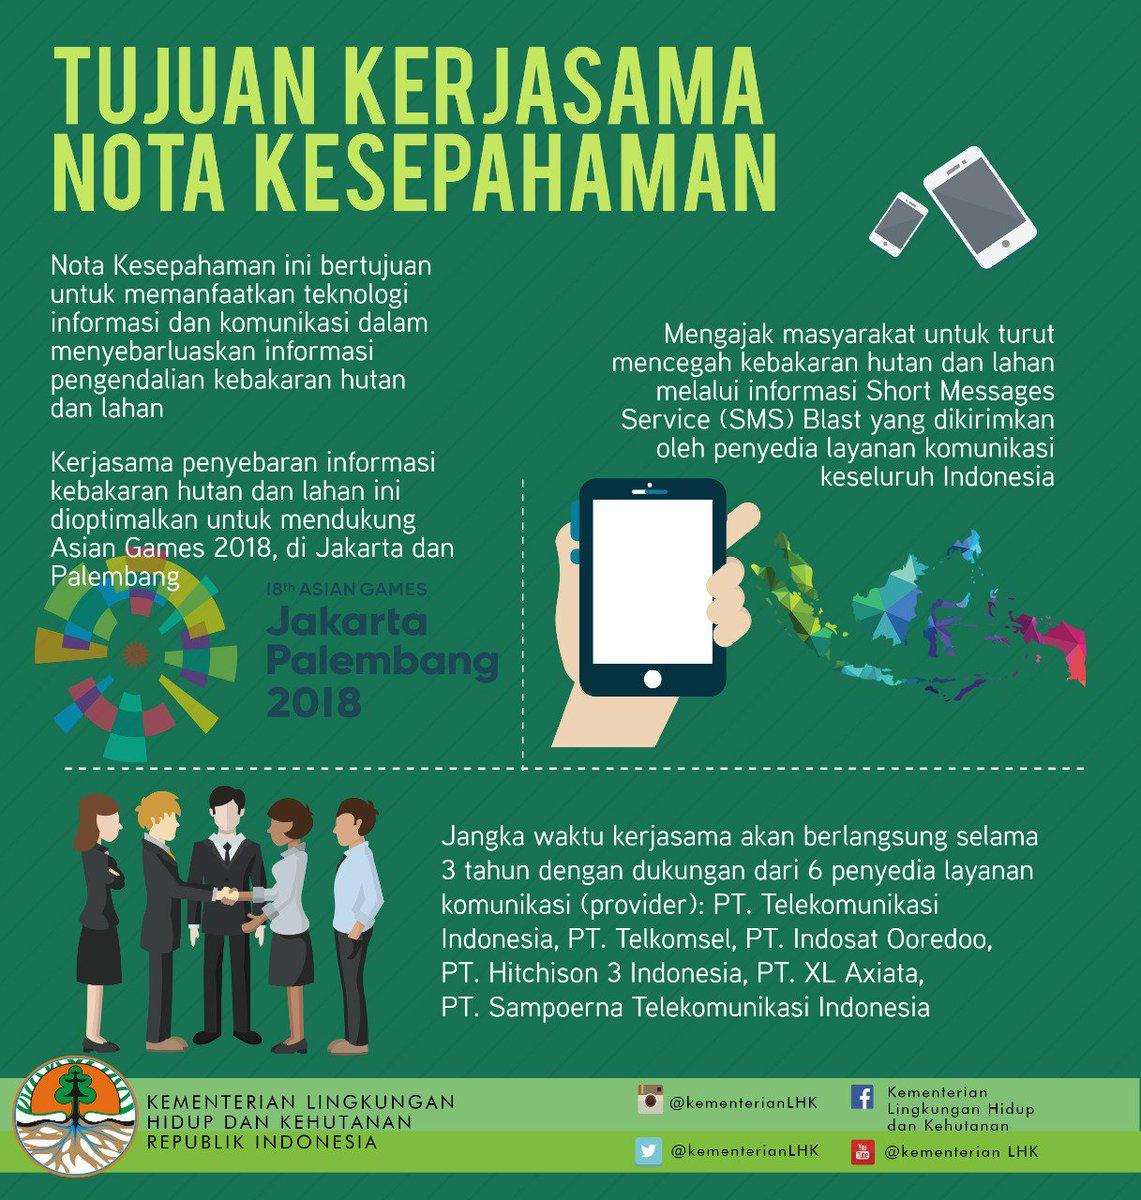 2. Kerjasama yg dilakukan oleh @KementerianLHK & @kemkominfo ini bertujuan memanfaatkan teknologi informasi dan komunikasi dlm mengajak masyarakat turut cegah kebakaran hutan dan lahan dalam rangka #DukungAsianGames2018 di Jakarta dan Palembang  Ayo cegah kebakaran hutan & lahan.pic.twitter.com/0hpmMmoPBY